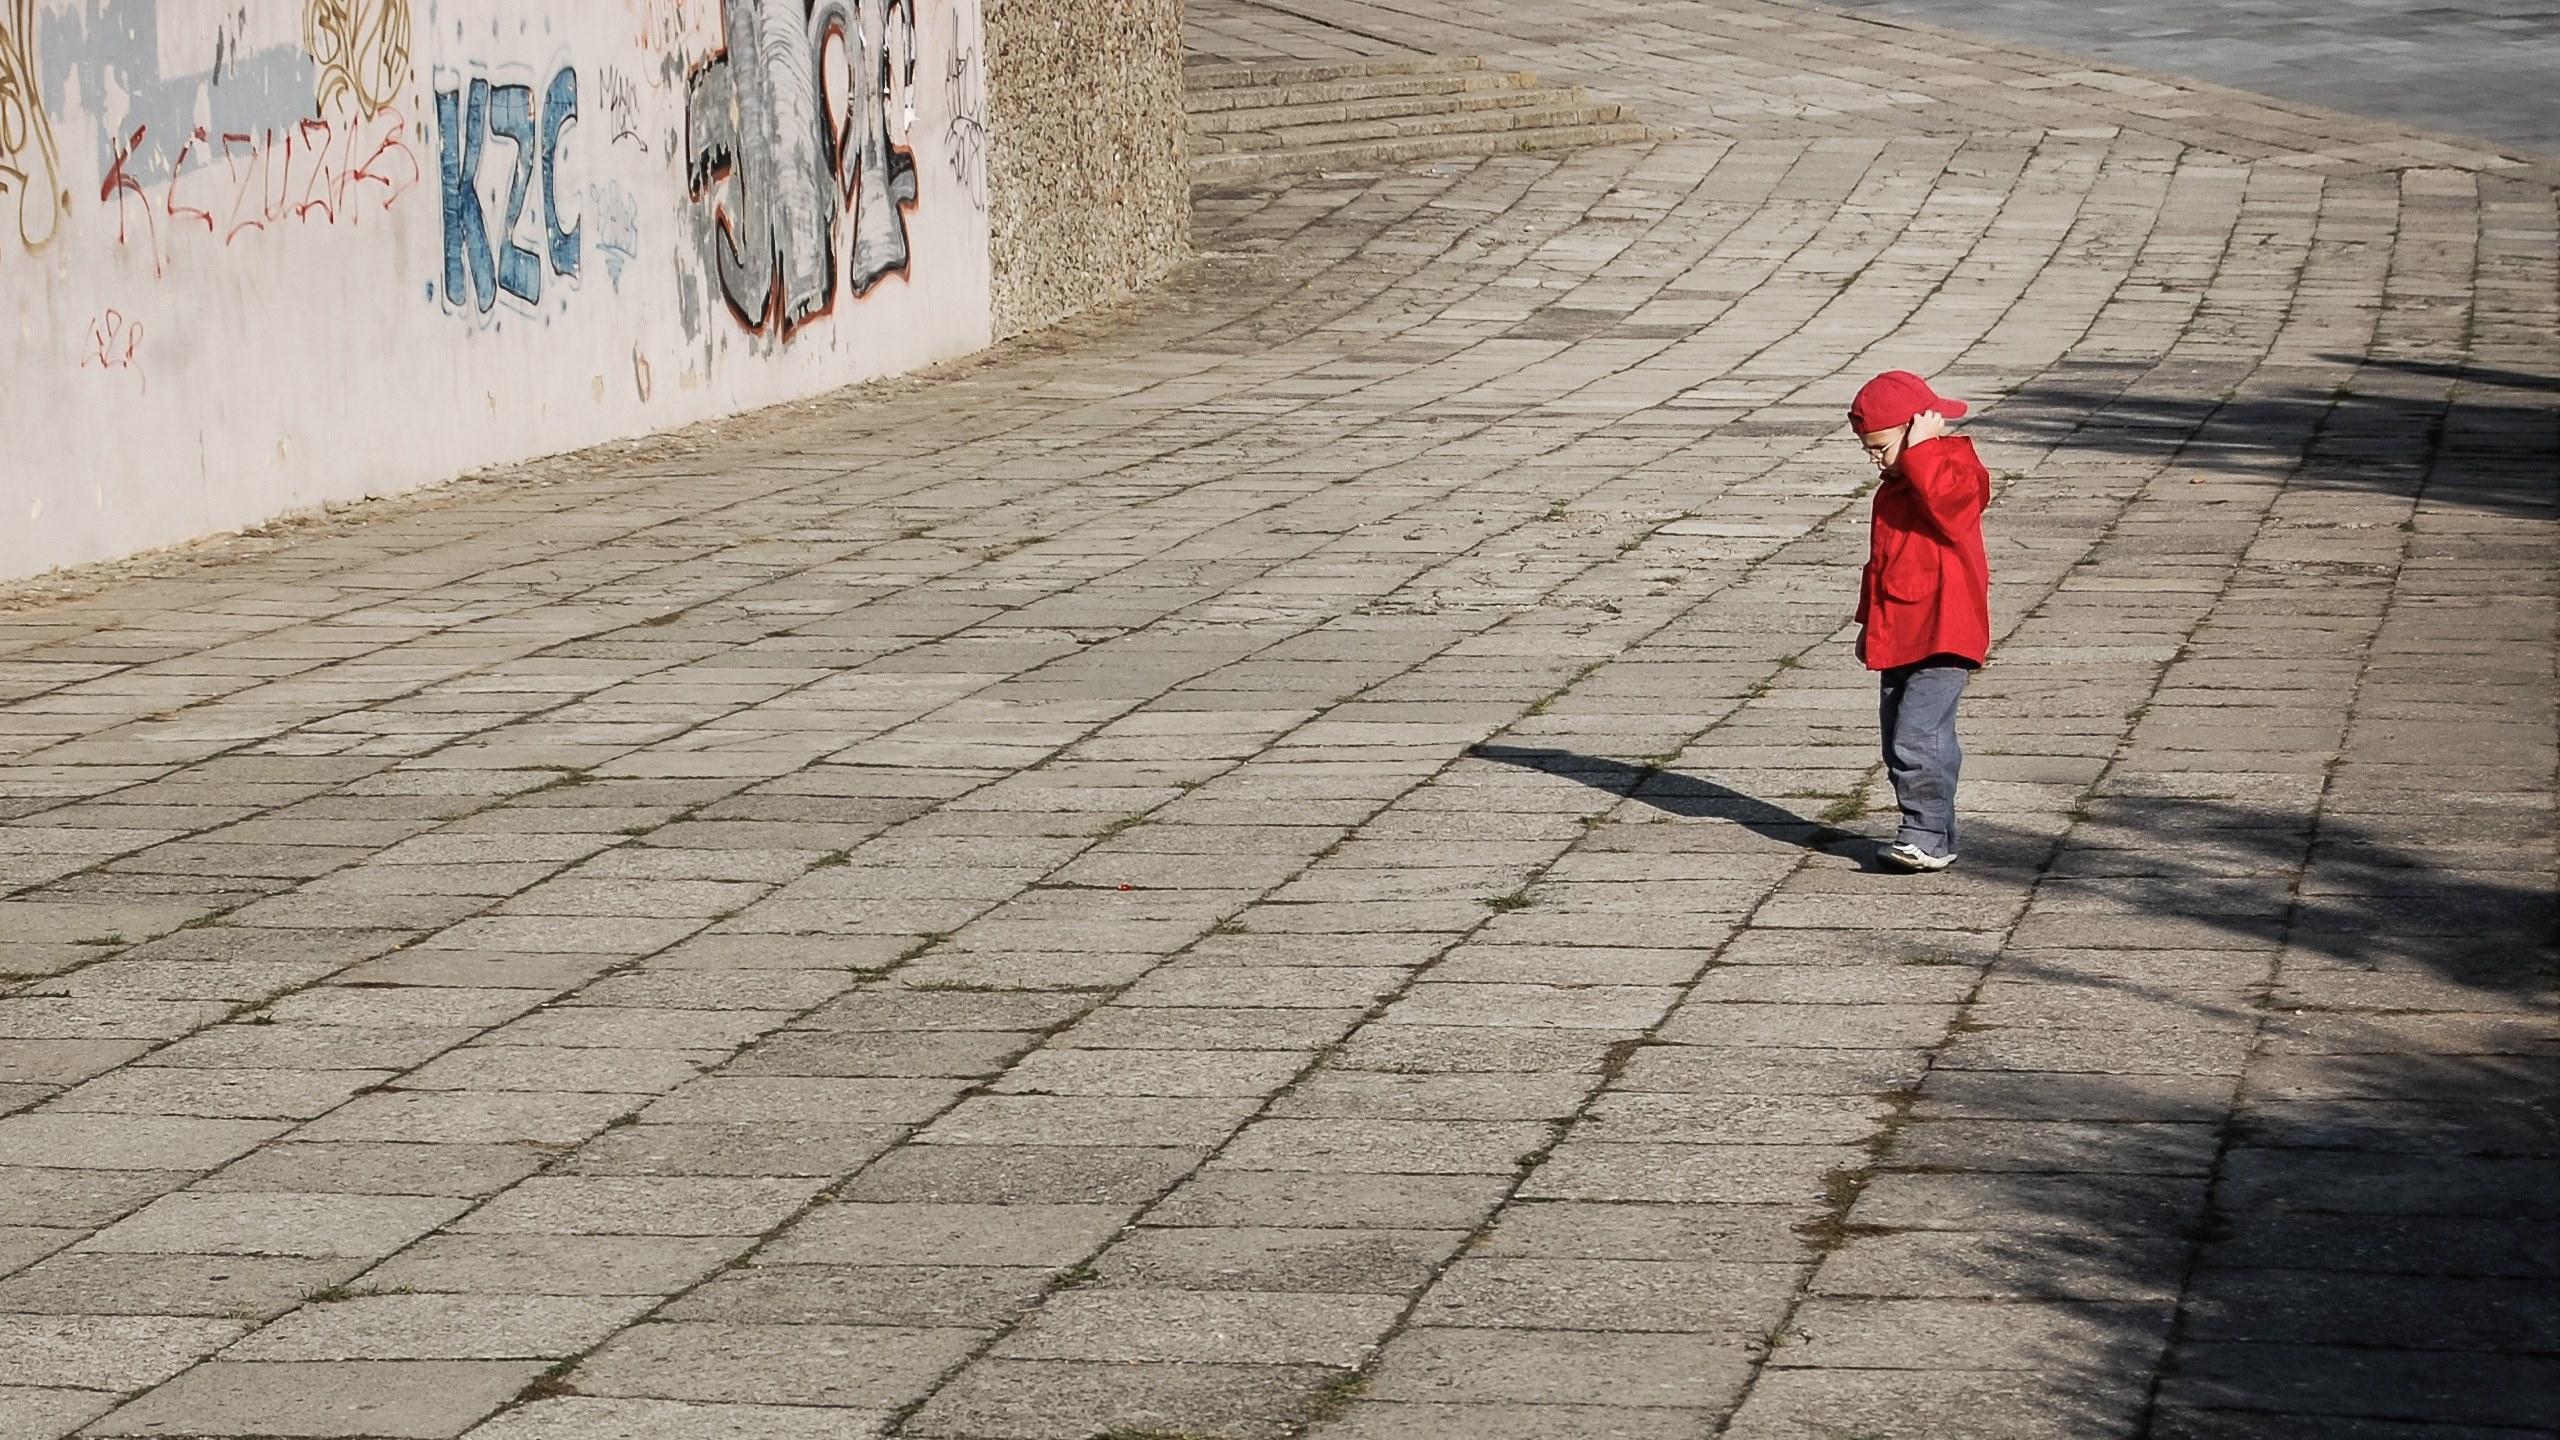 Инвалидность для аутистов: благо или зло? Обсуждение инициативы Минобрнауки